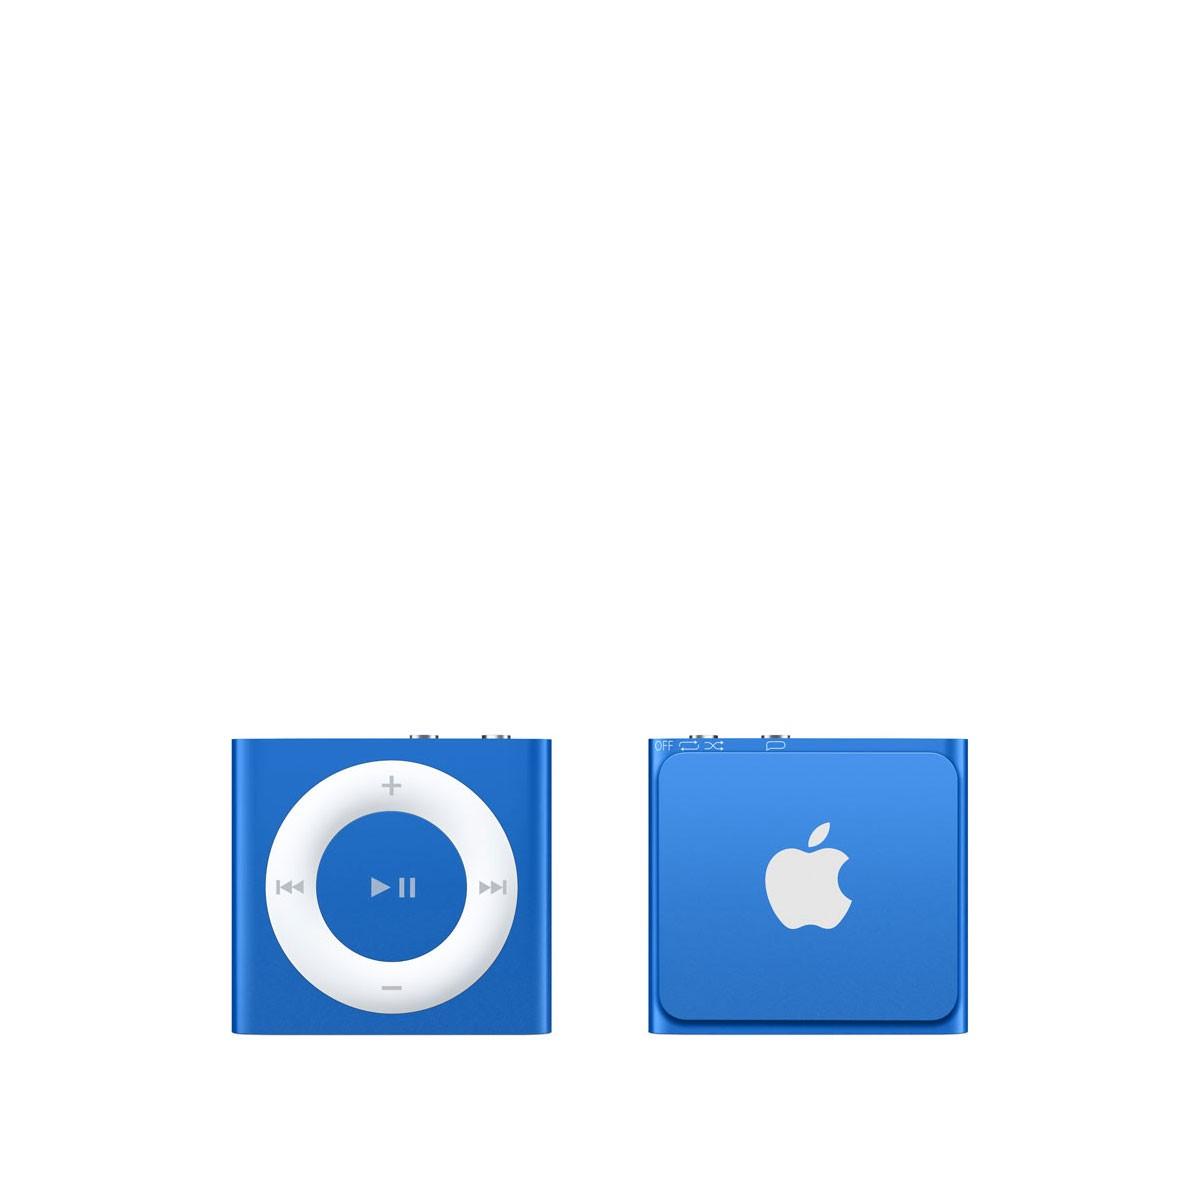 Син Apple iPod shuffle плейър с 2GB памет